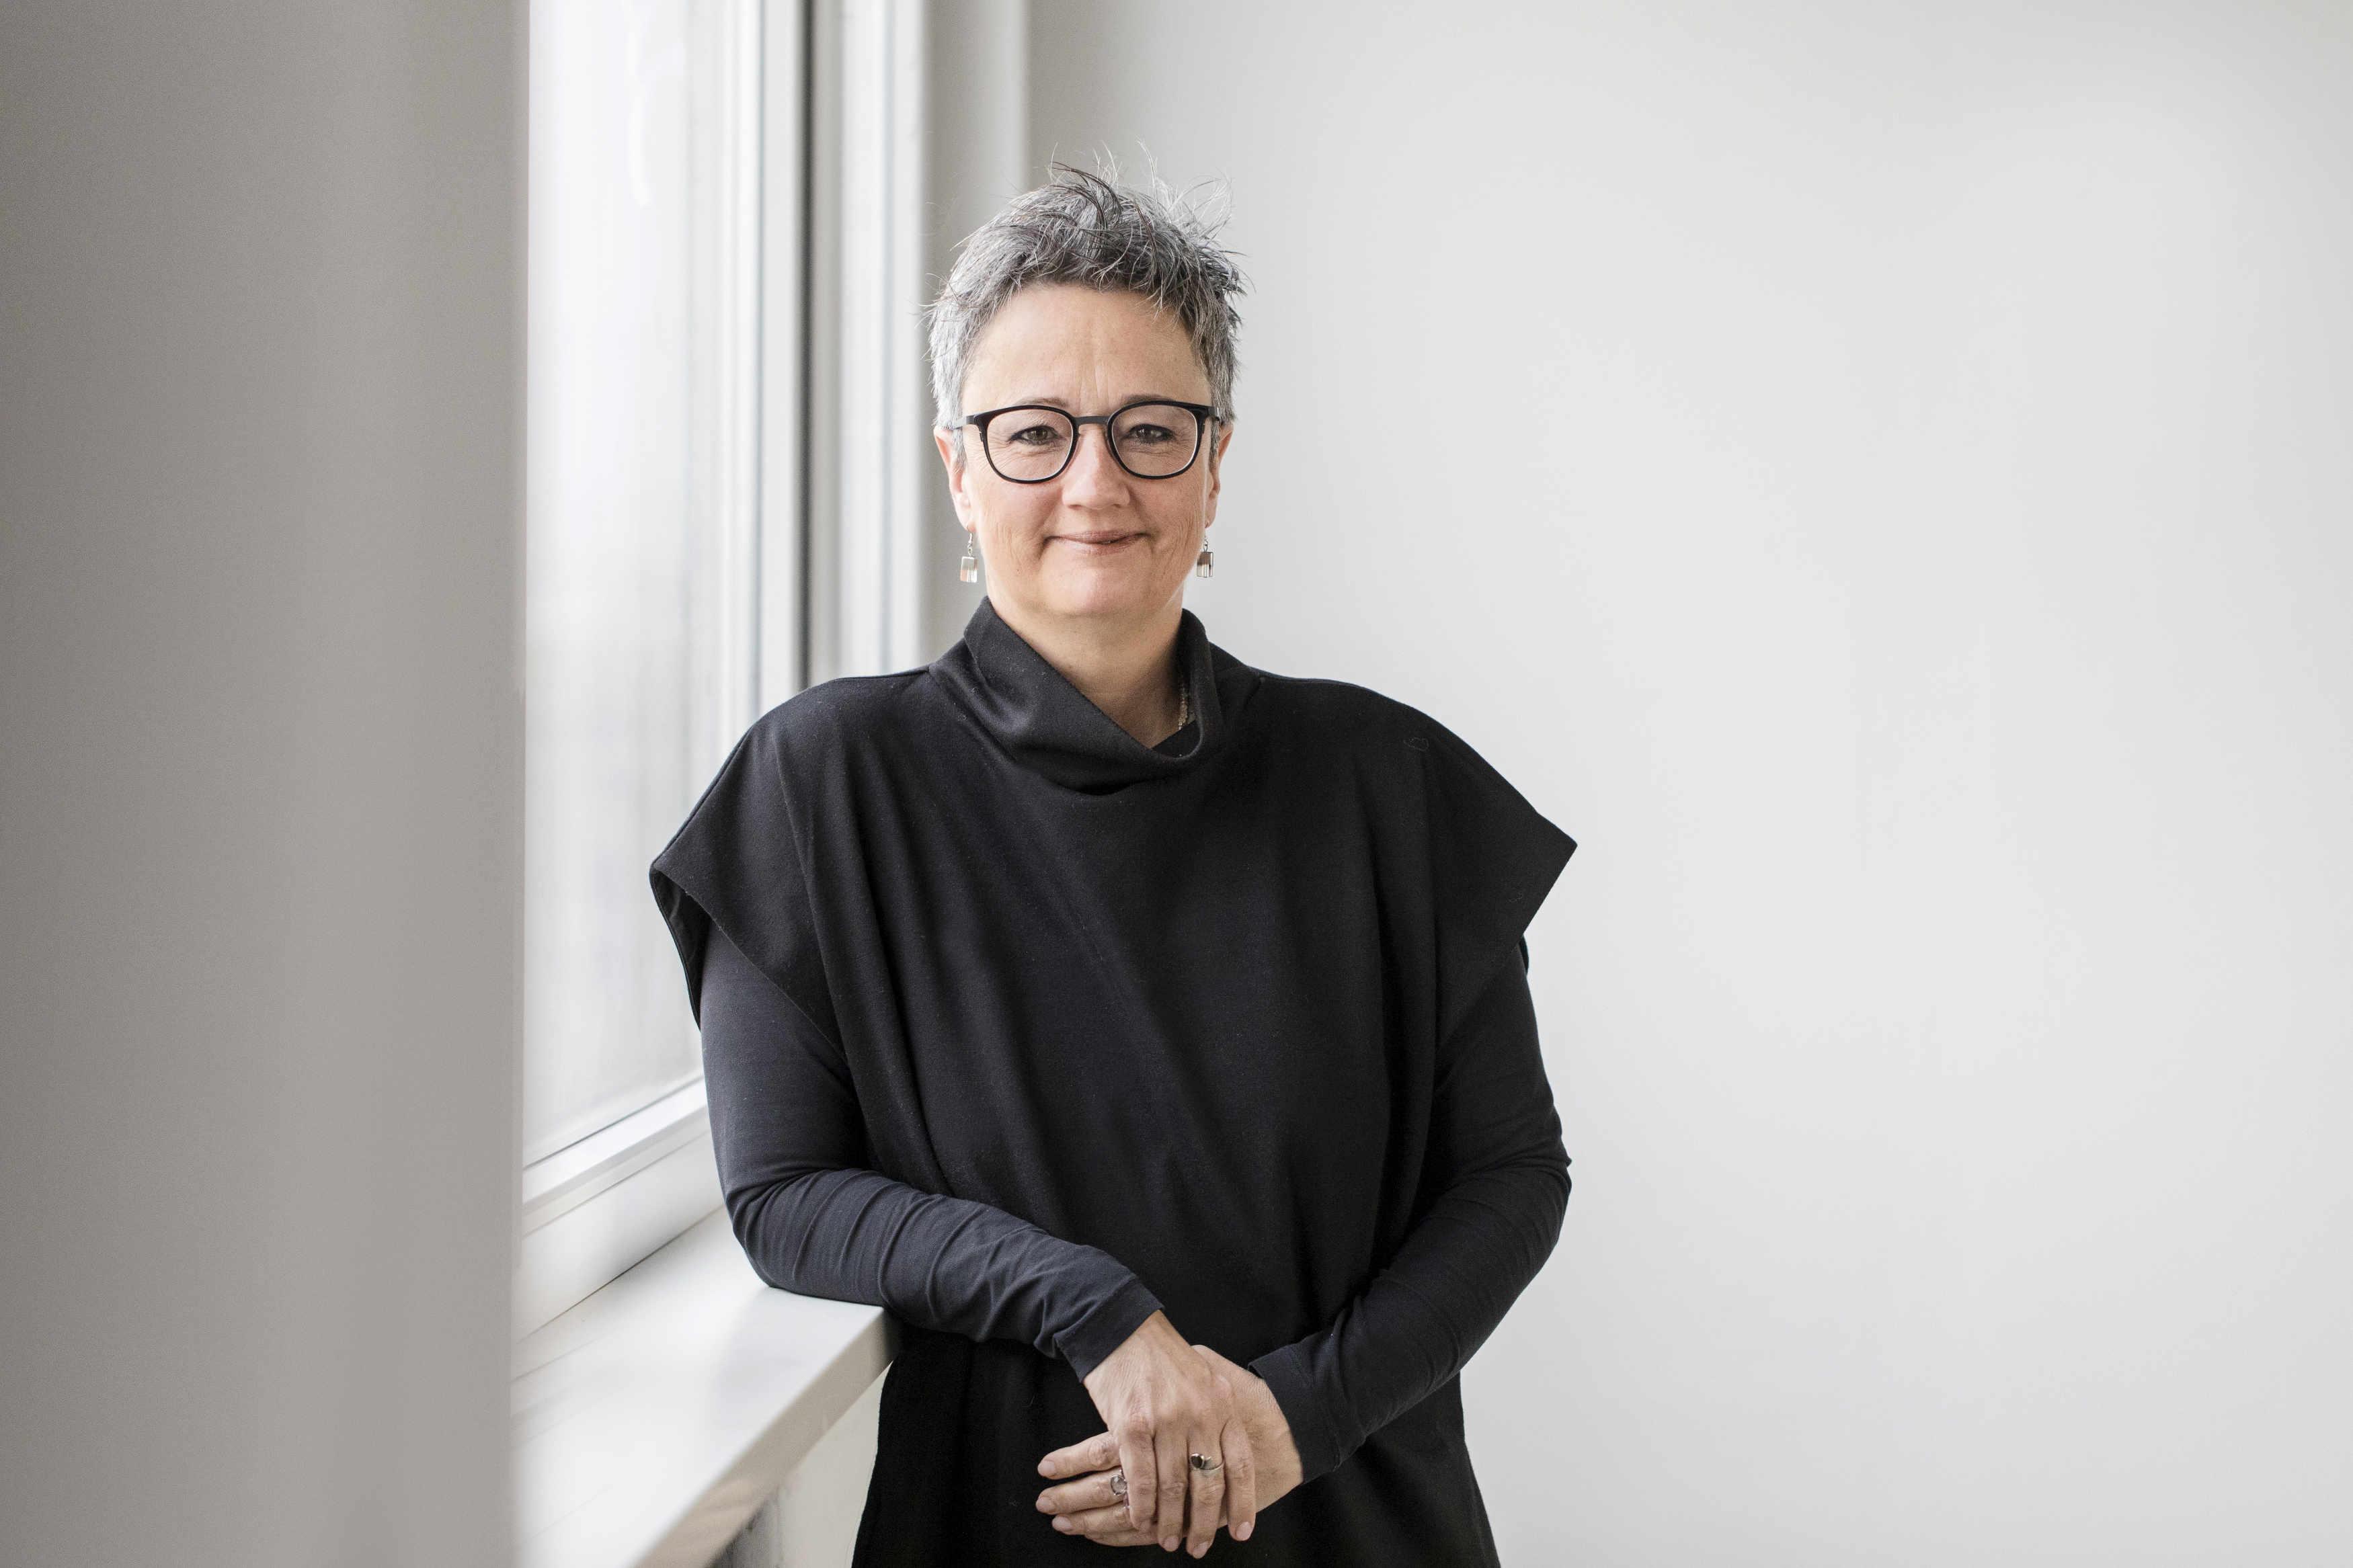 Andrea Rechtsteiner